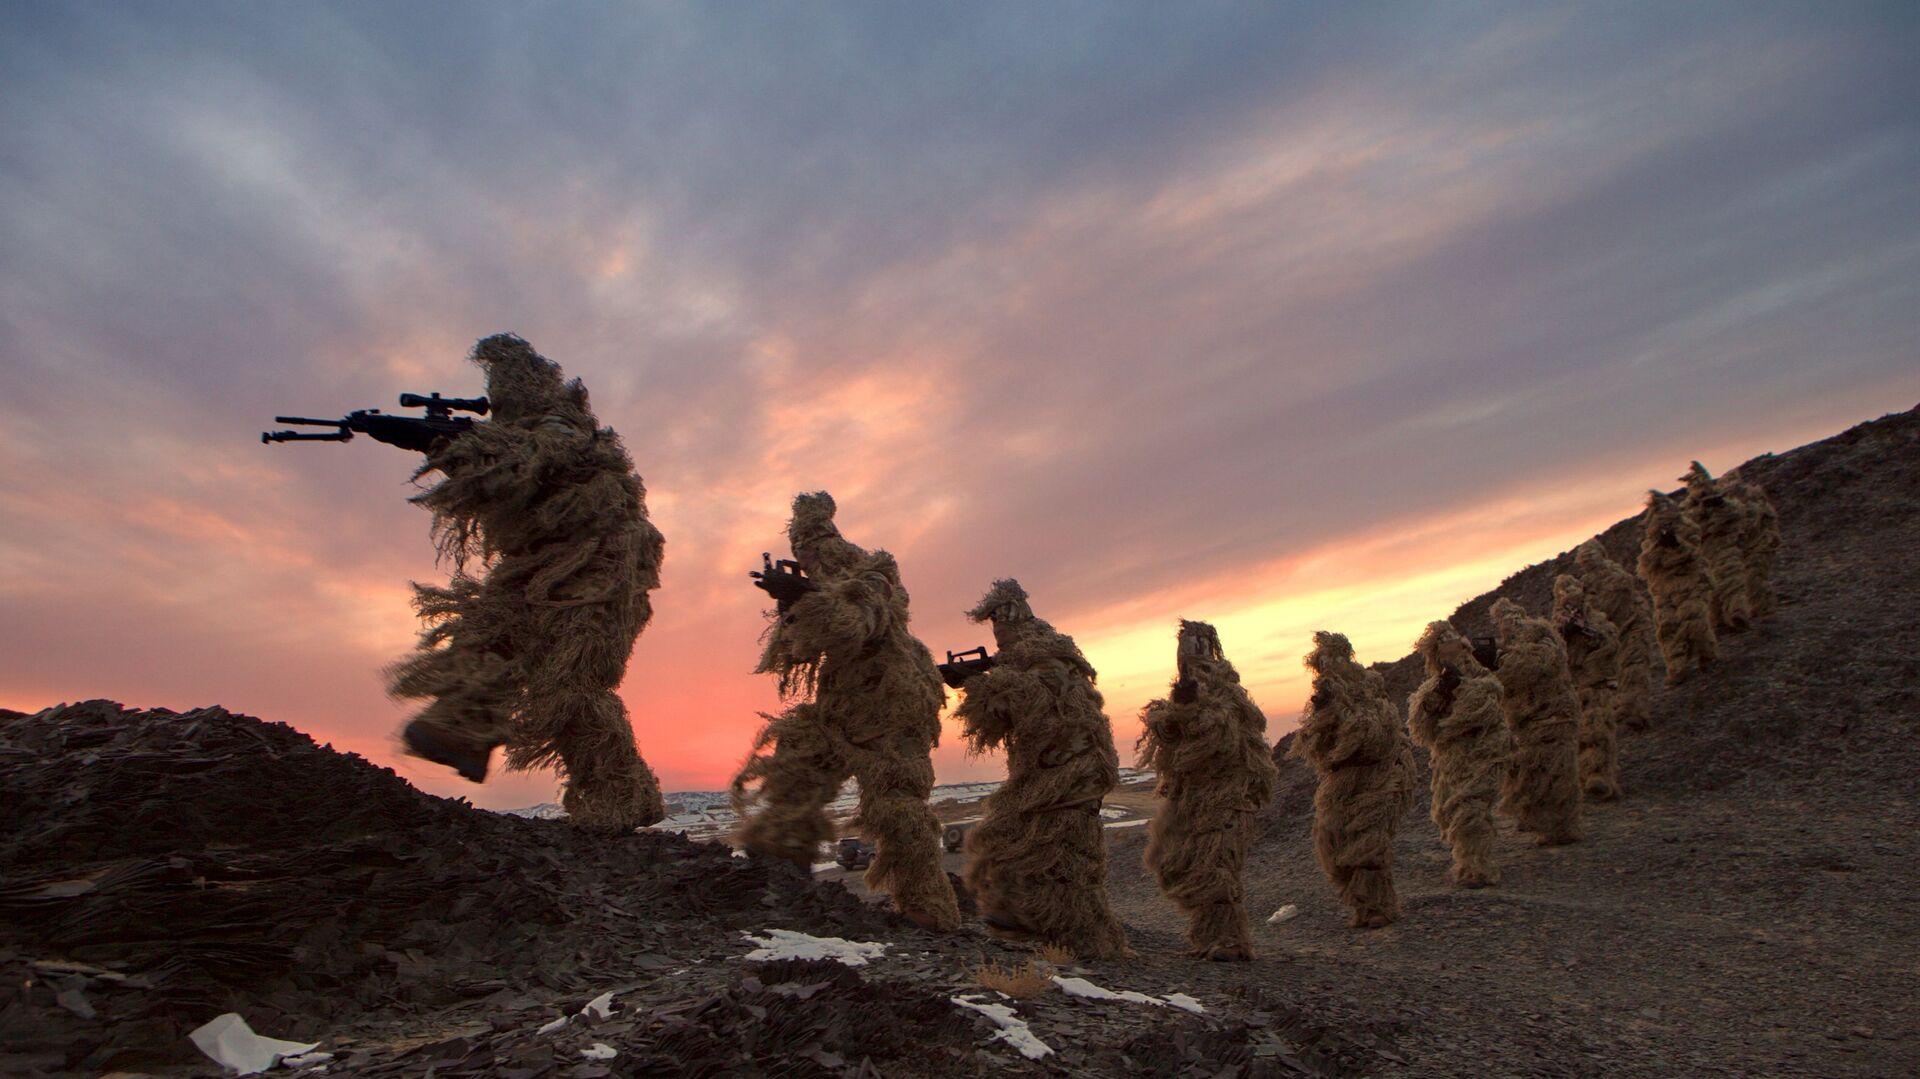 Soldati dell'esercito cinese durante un'esercitazione nel sito di Bayingol, regione dello Xinjiang - Sputnik Italia, 1920, 26.06.2021